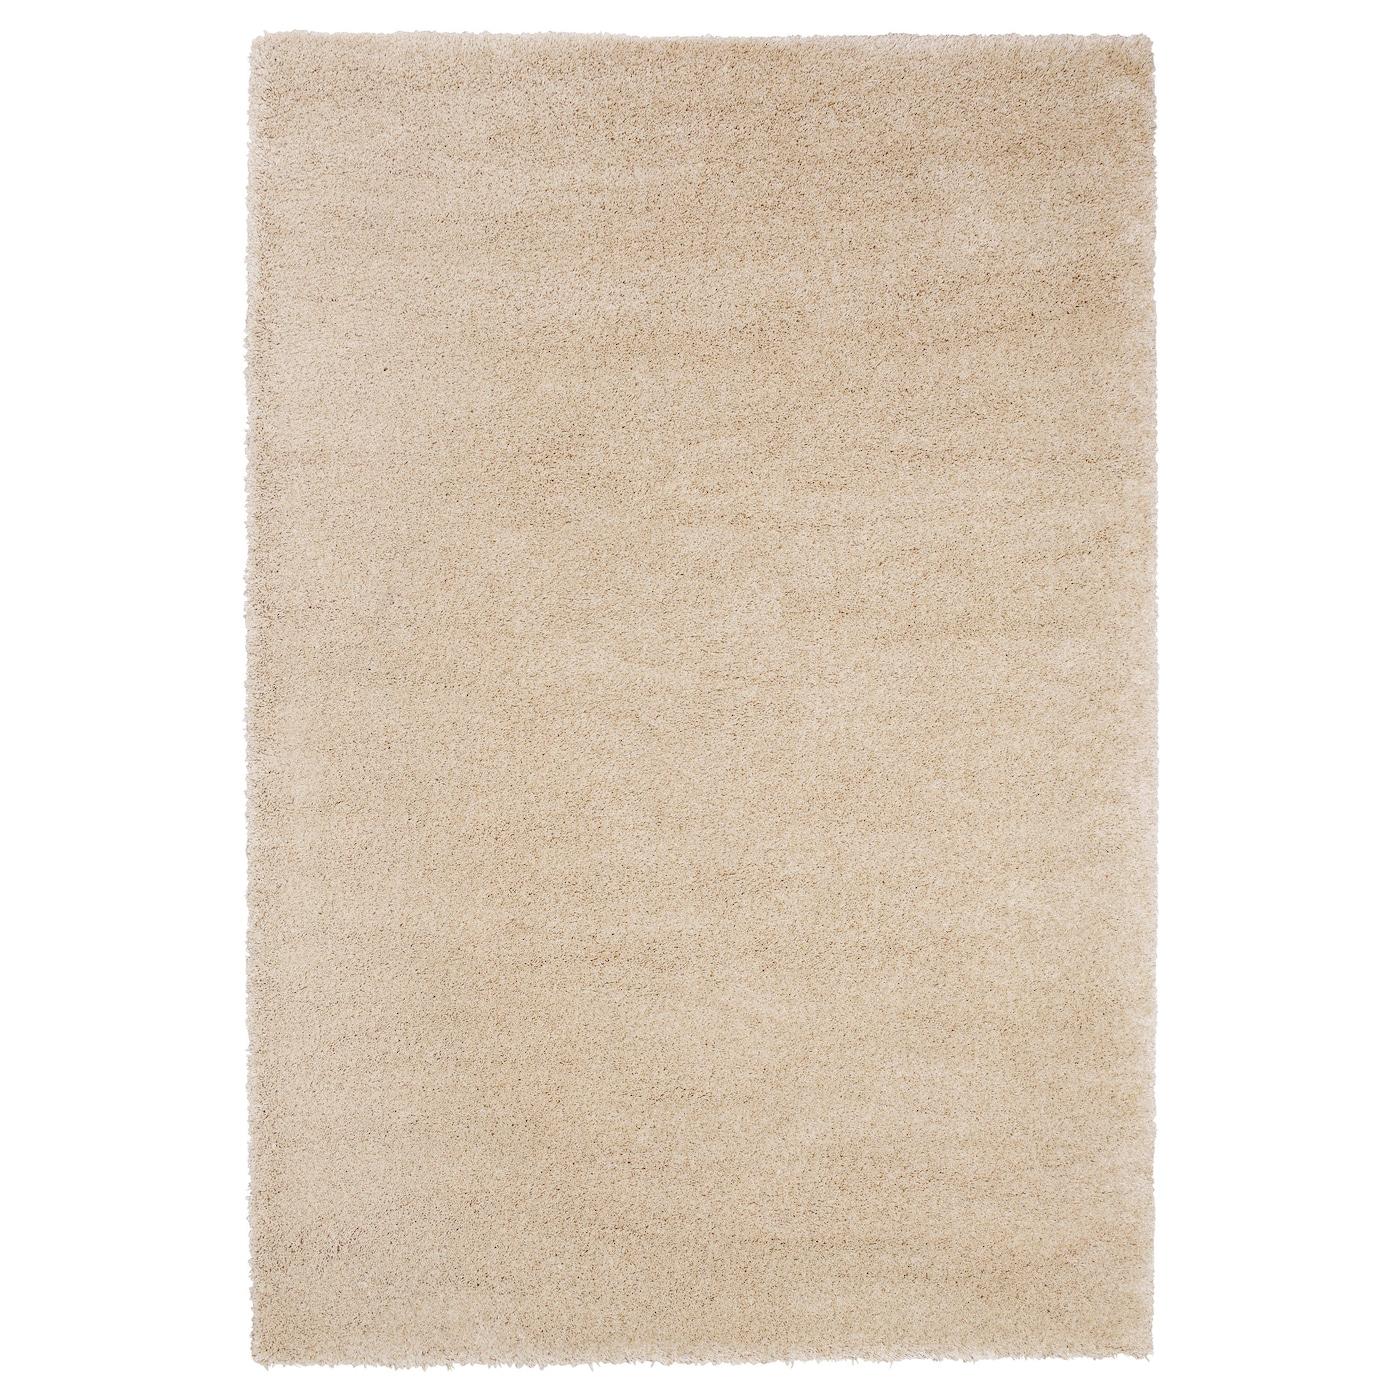 Ikea Sisal Teppich lohals teppich flach gewebt 160x230 cm ikea